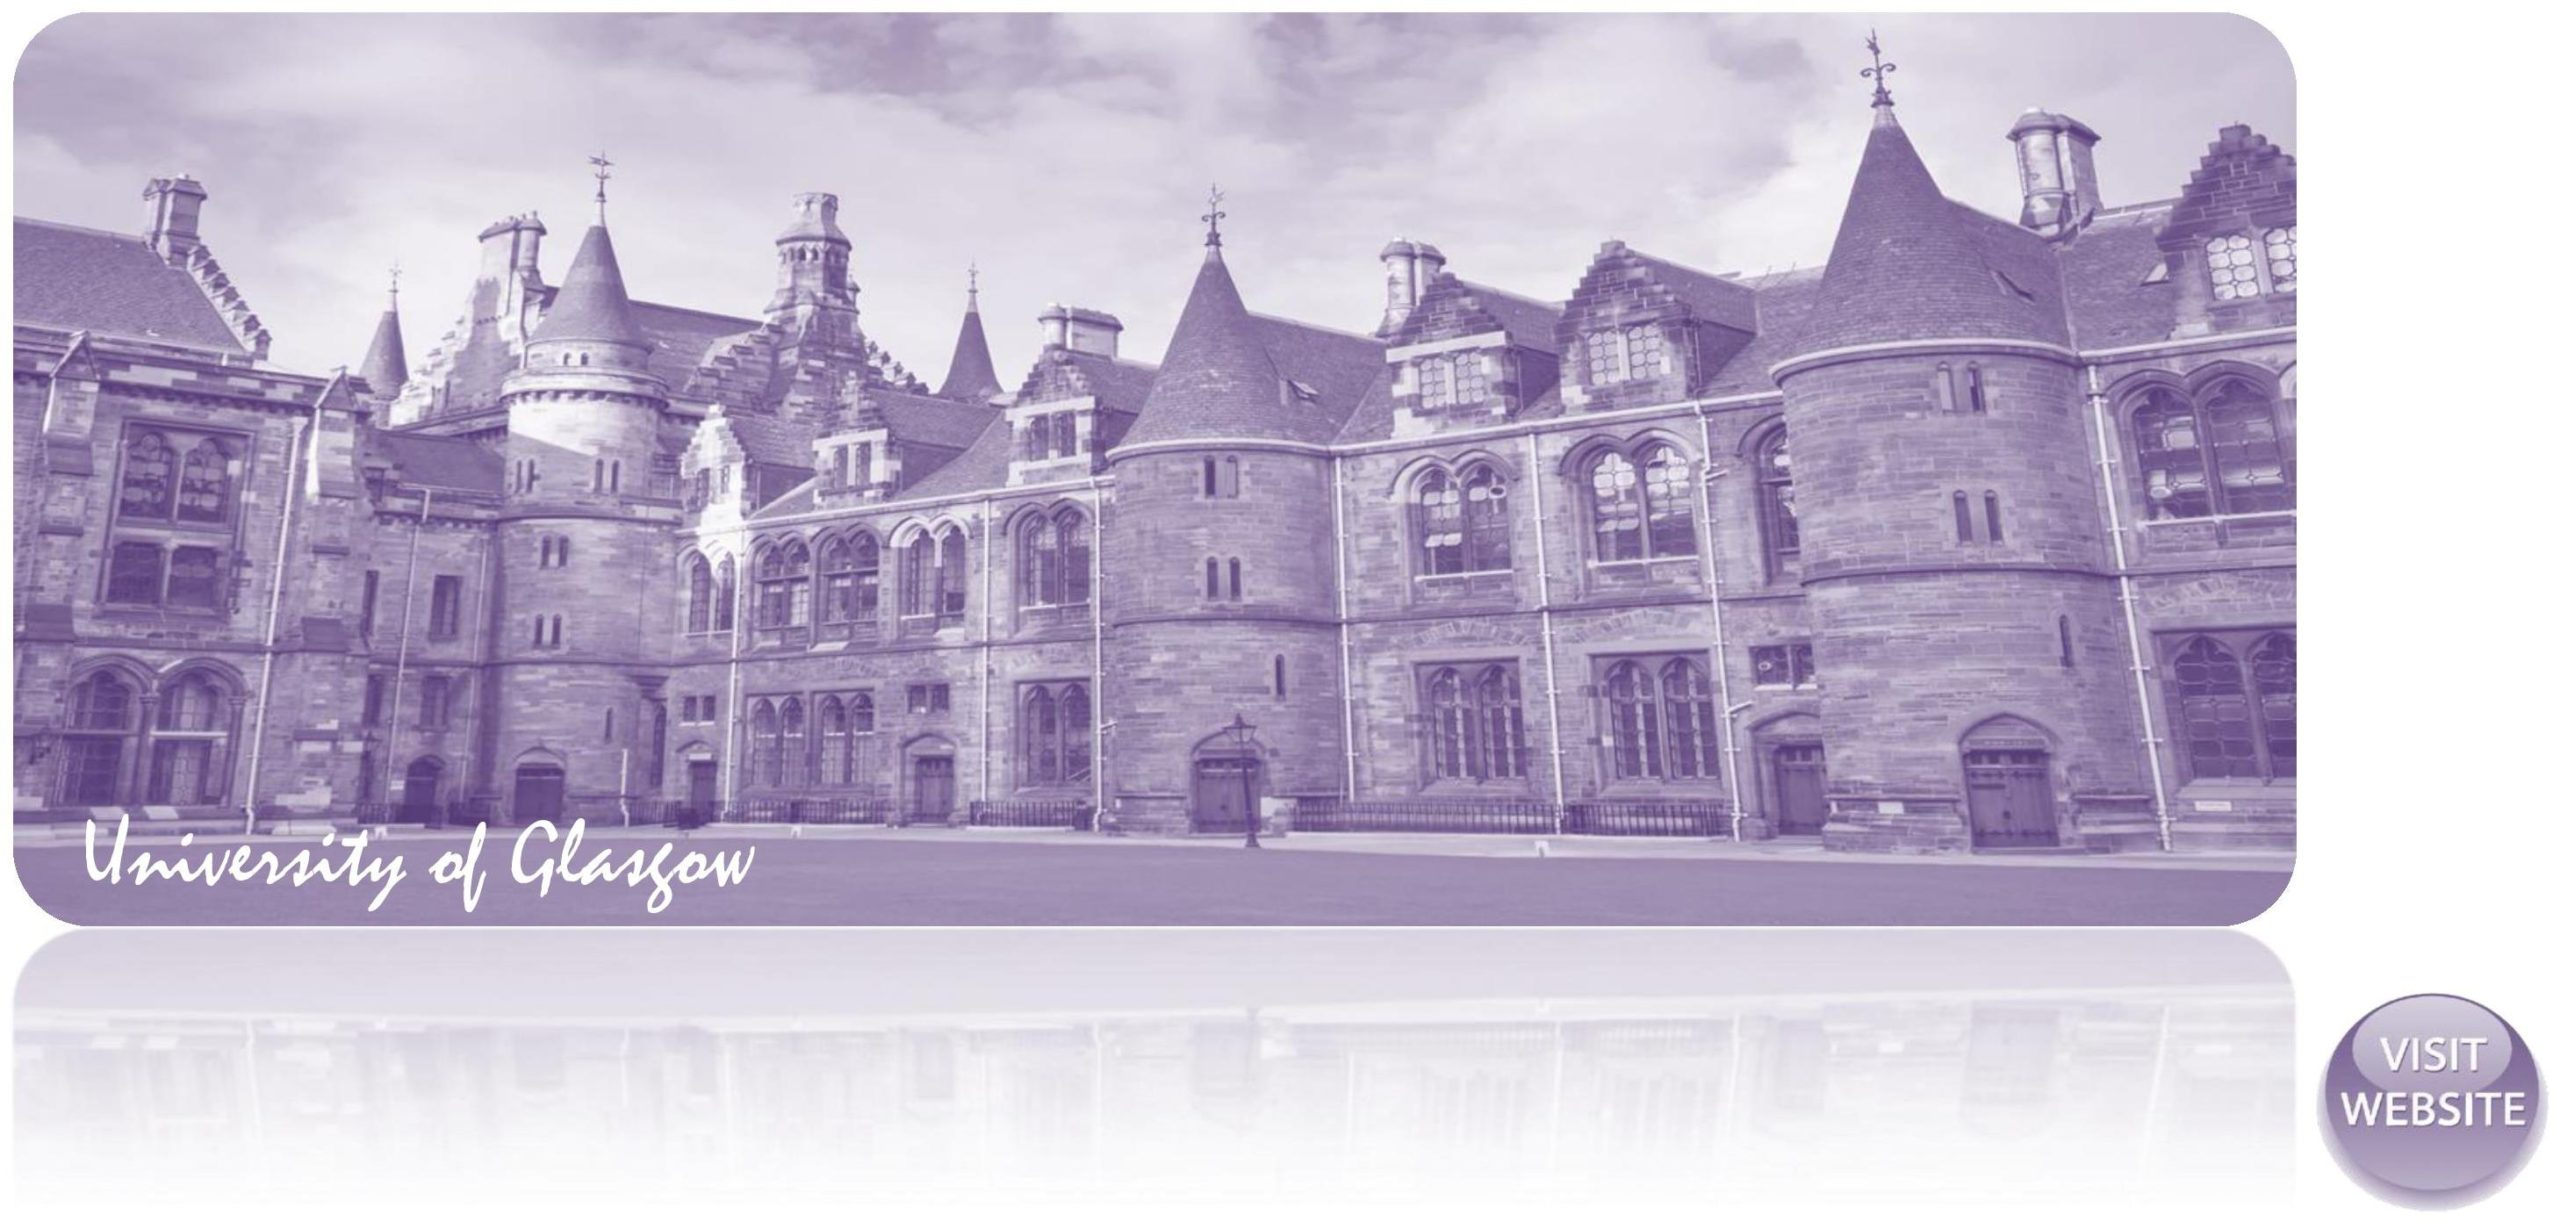 University of Glasgow UK